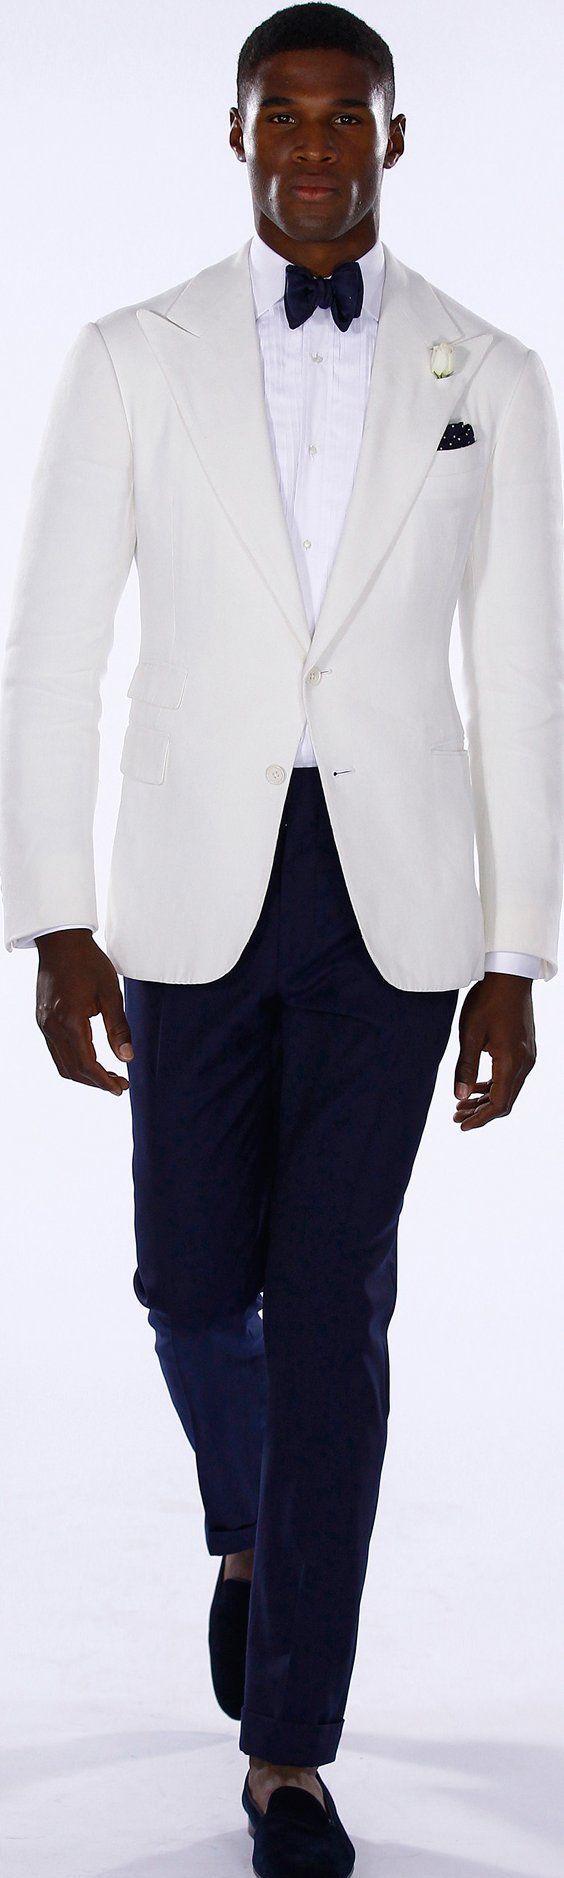 Chaqueta de tux en blanco con pantalones y corbata estilo moño en azul. Ralph Lauren 2016. White tuxedo jacket with blue bowtie and blue pants.